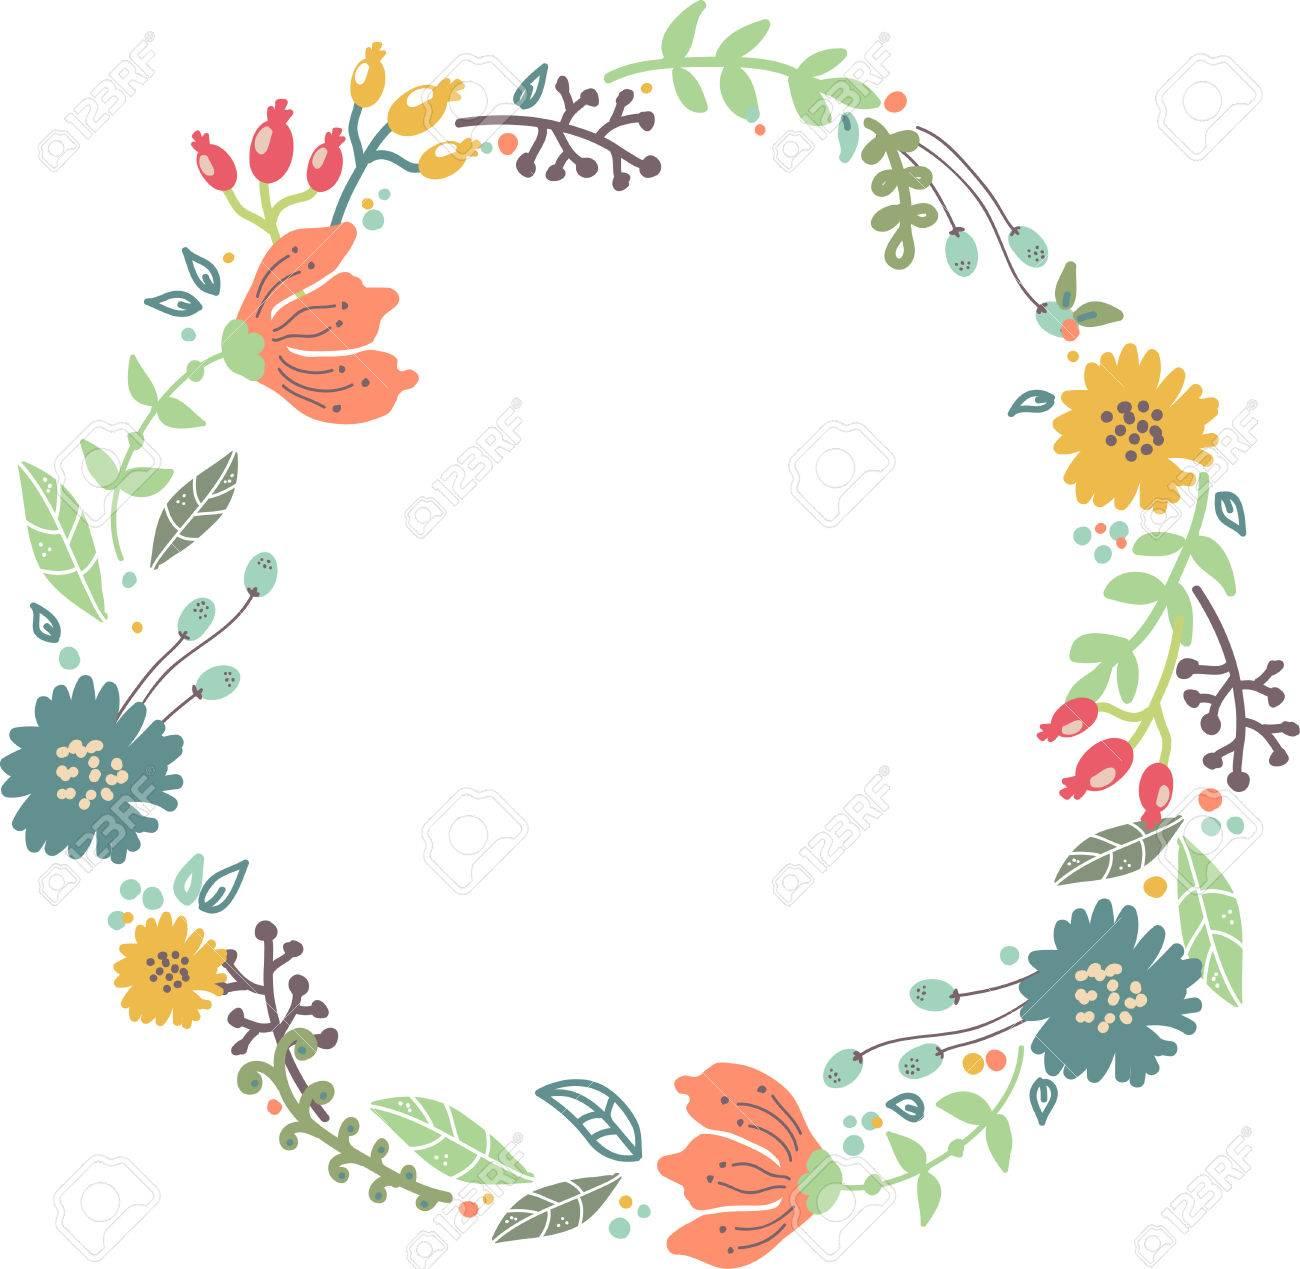 保存日付イラストの結婚式招待状デザインの色花のフレームのイラスト素材